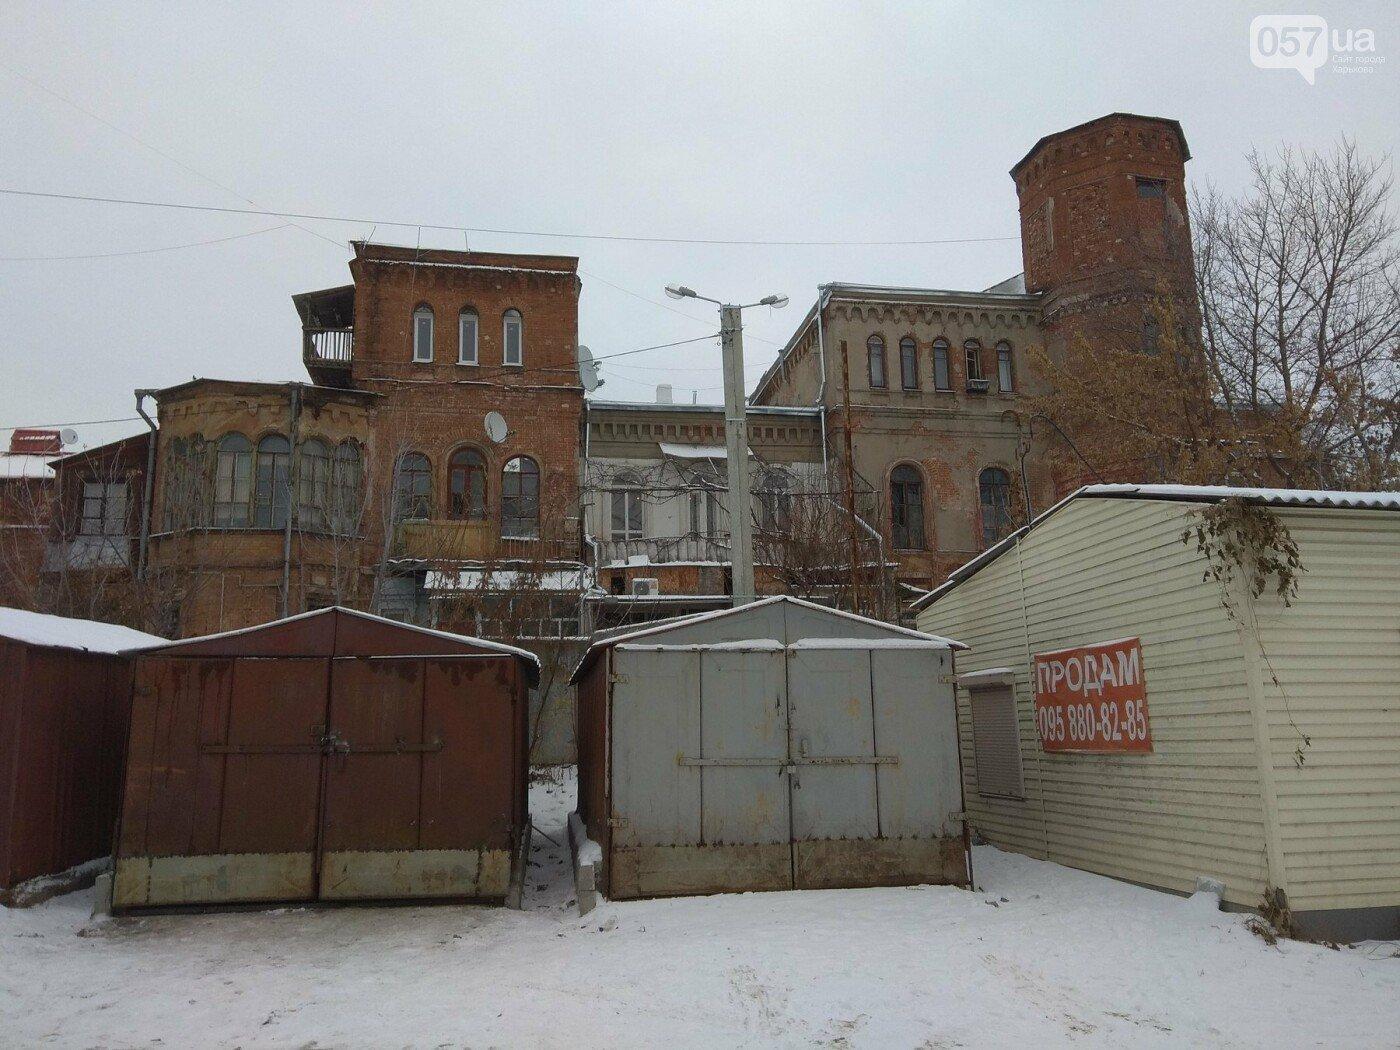 Доходные дома, бордели, и купеческий замок: ТОП-5 старинных зданий Харькова, - ФОТО, фото-3